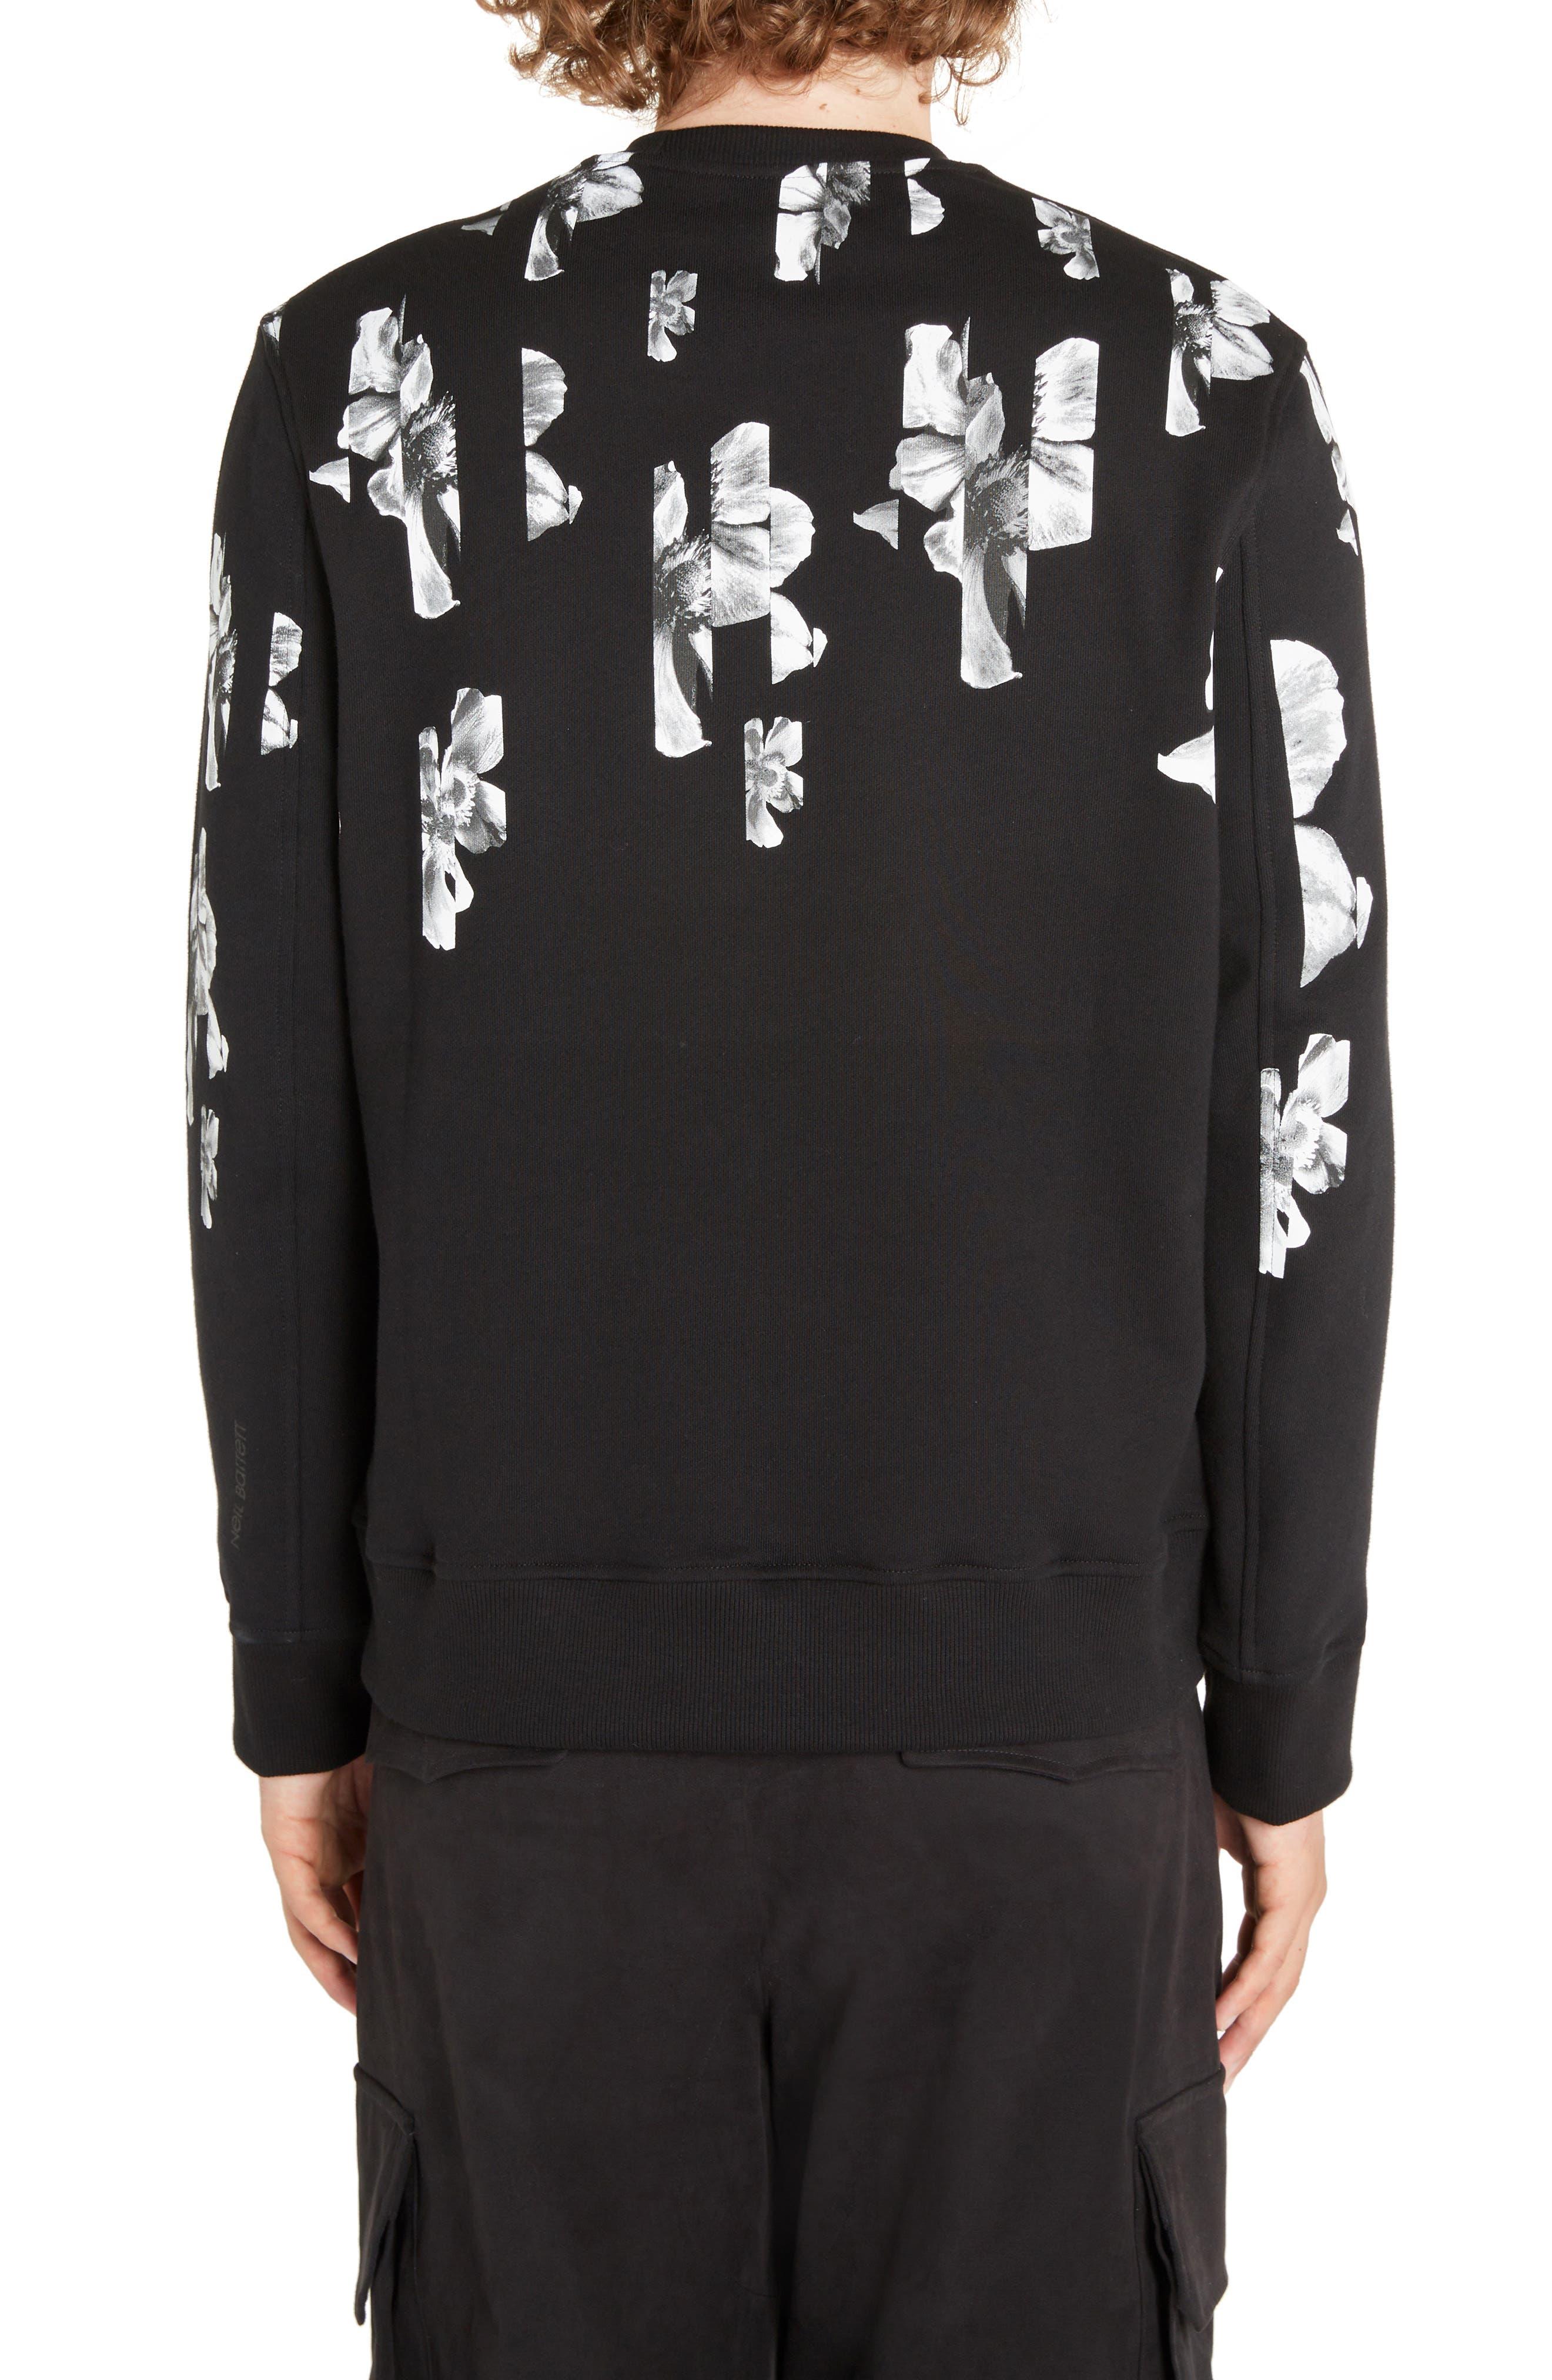 NEIL BARRETT, Abstract Flower Print Sweatshirt, Alternate thumbnail 2, color, BLACK/ WHITE